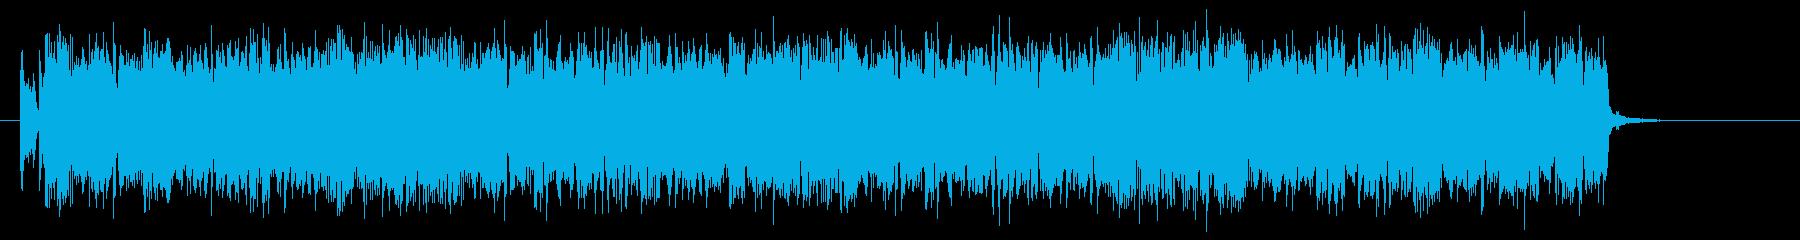 パンクハードで不思議なシンセジングルの再生済みの波形